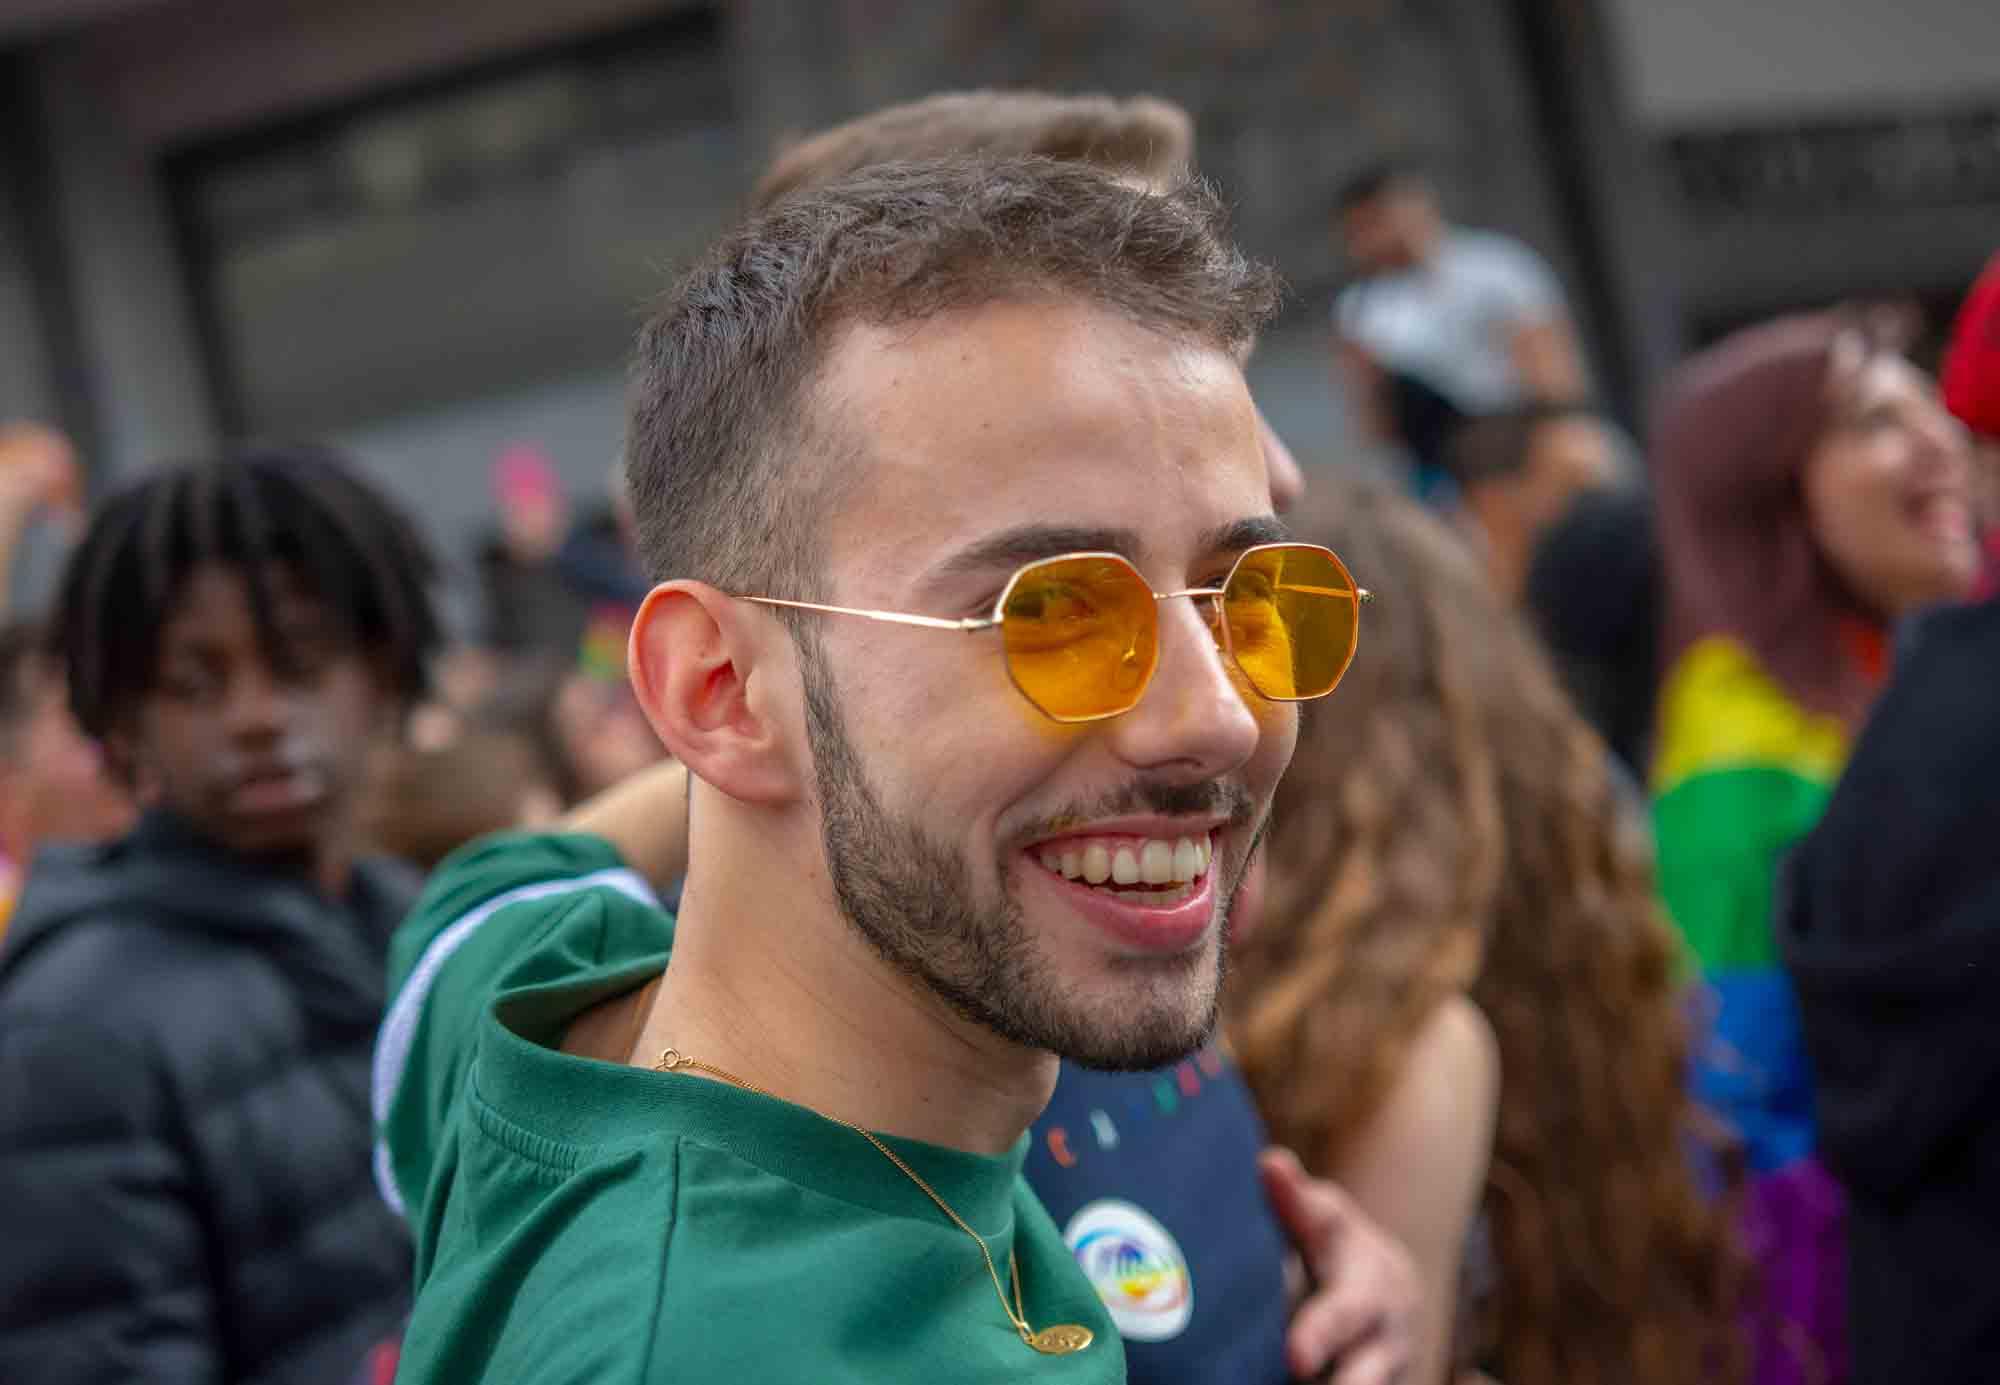 pride-brüssel-18-05-2019-_0079_Ebene 71.